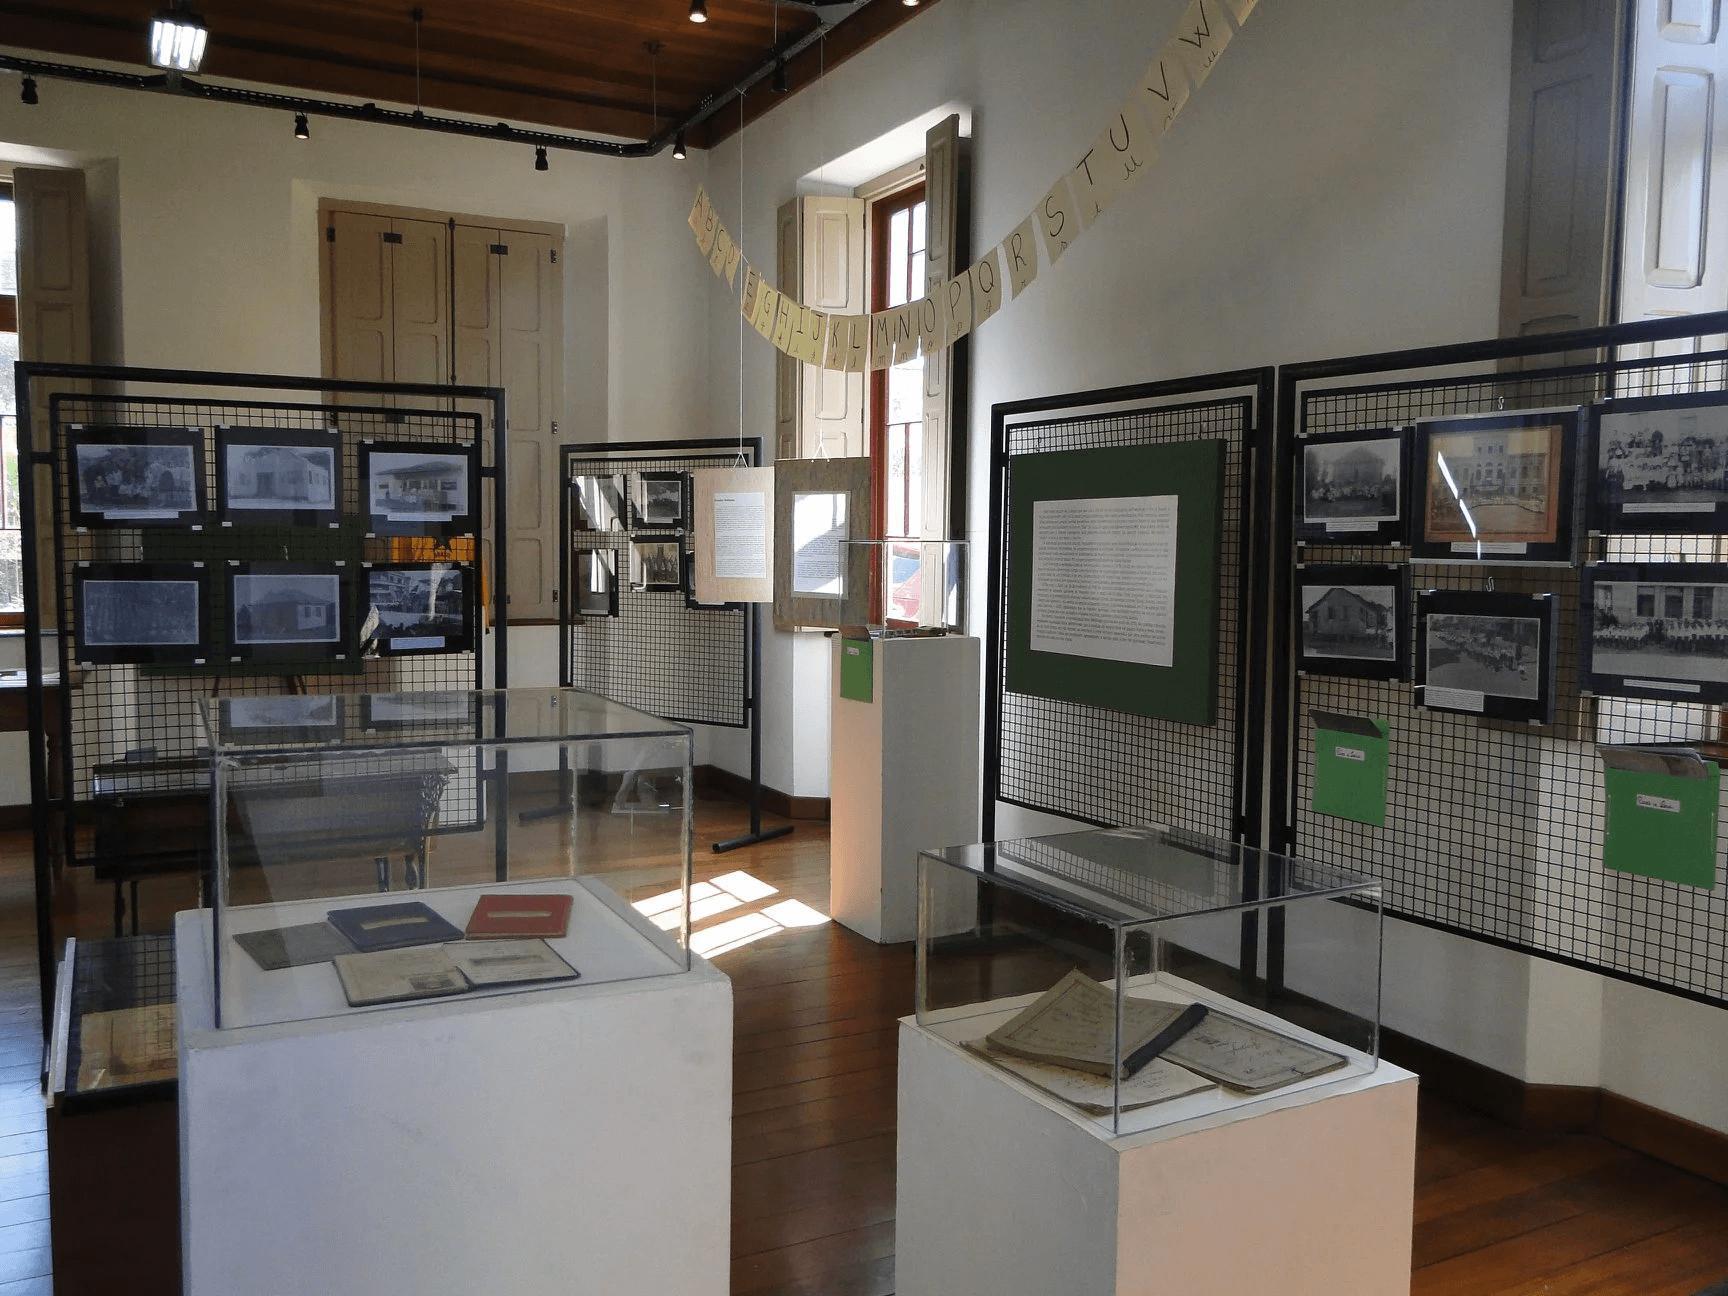 Foto de uma sala de exposições do Museu do Imigrante.